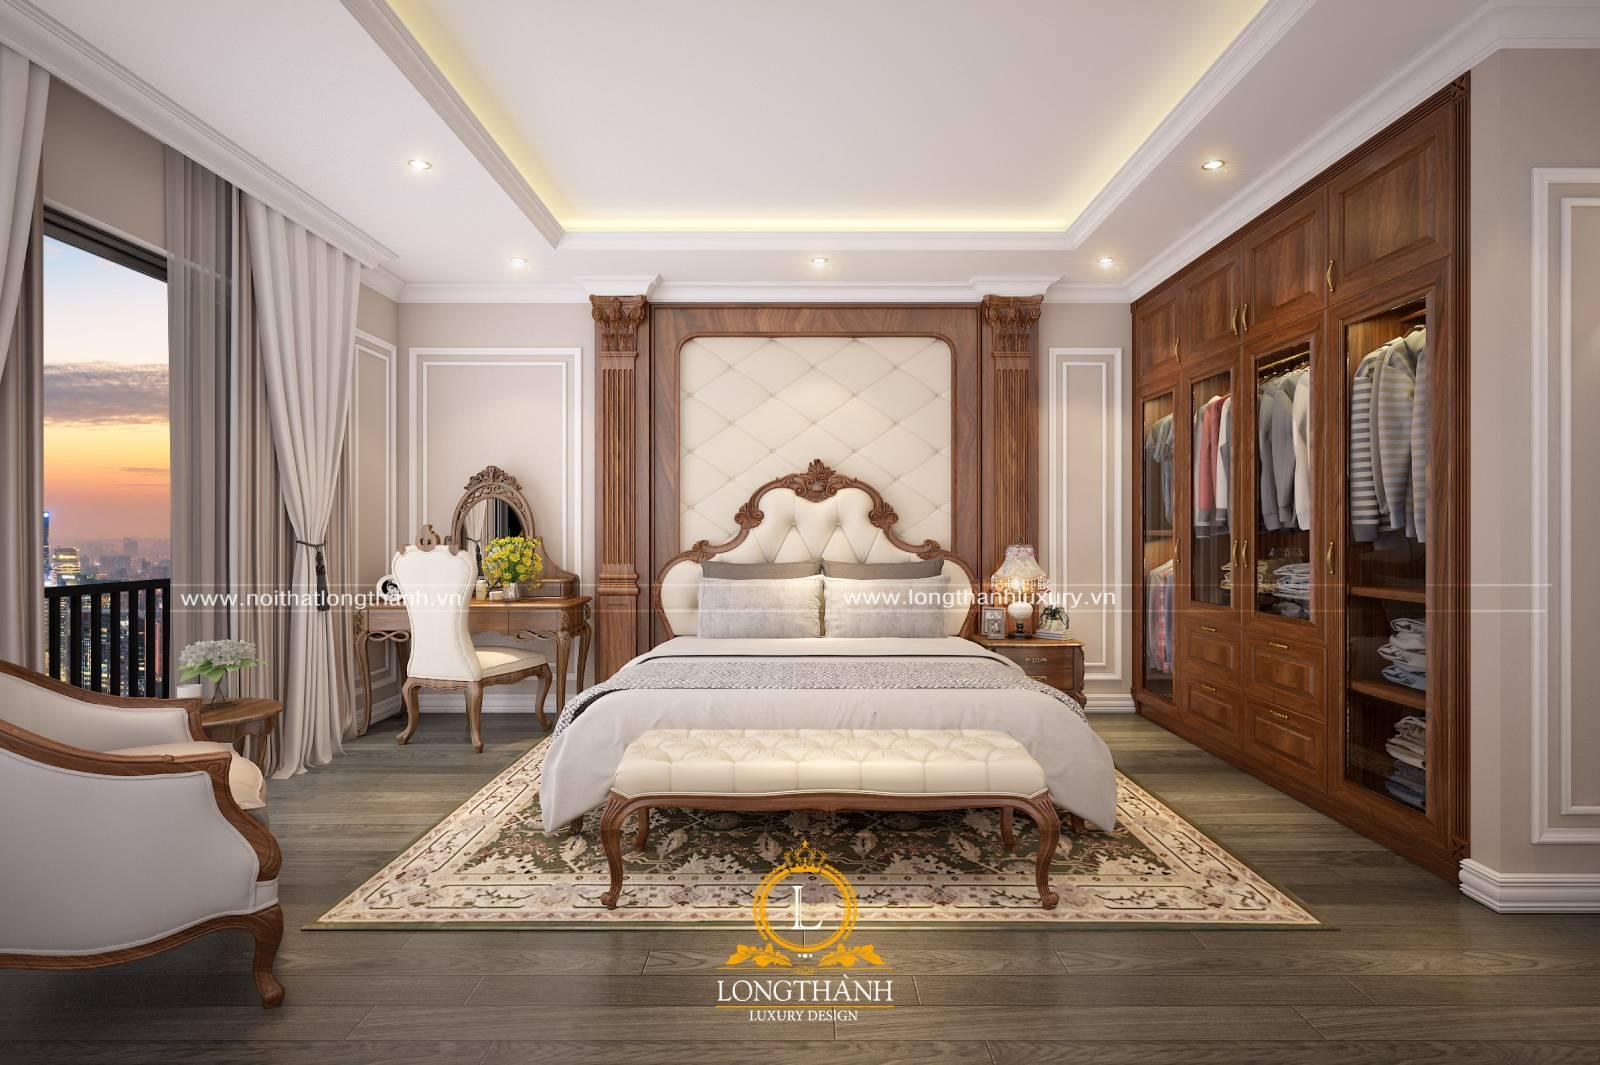 Phòng ngủ master chung cư cao cấp cho cặp đôi